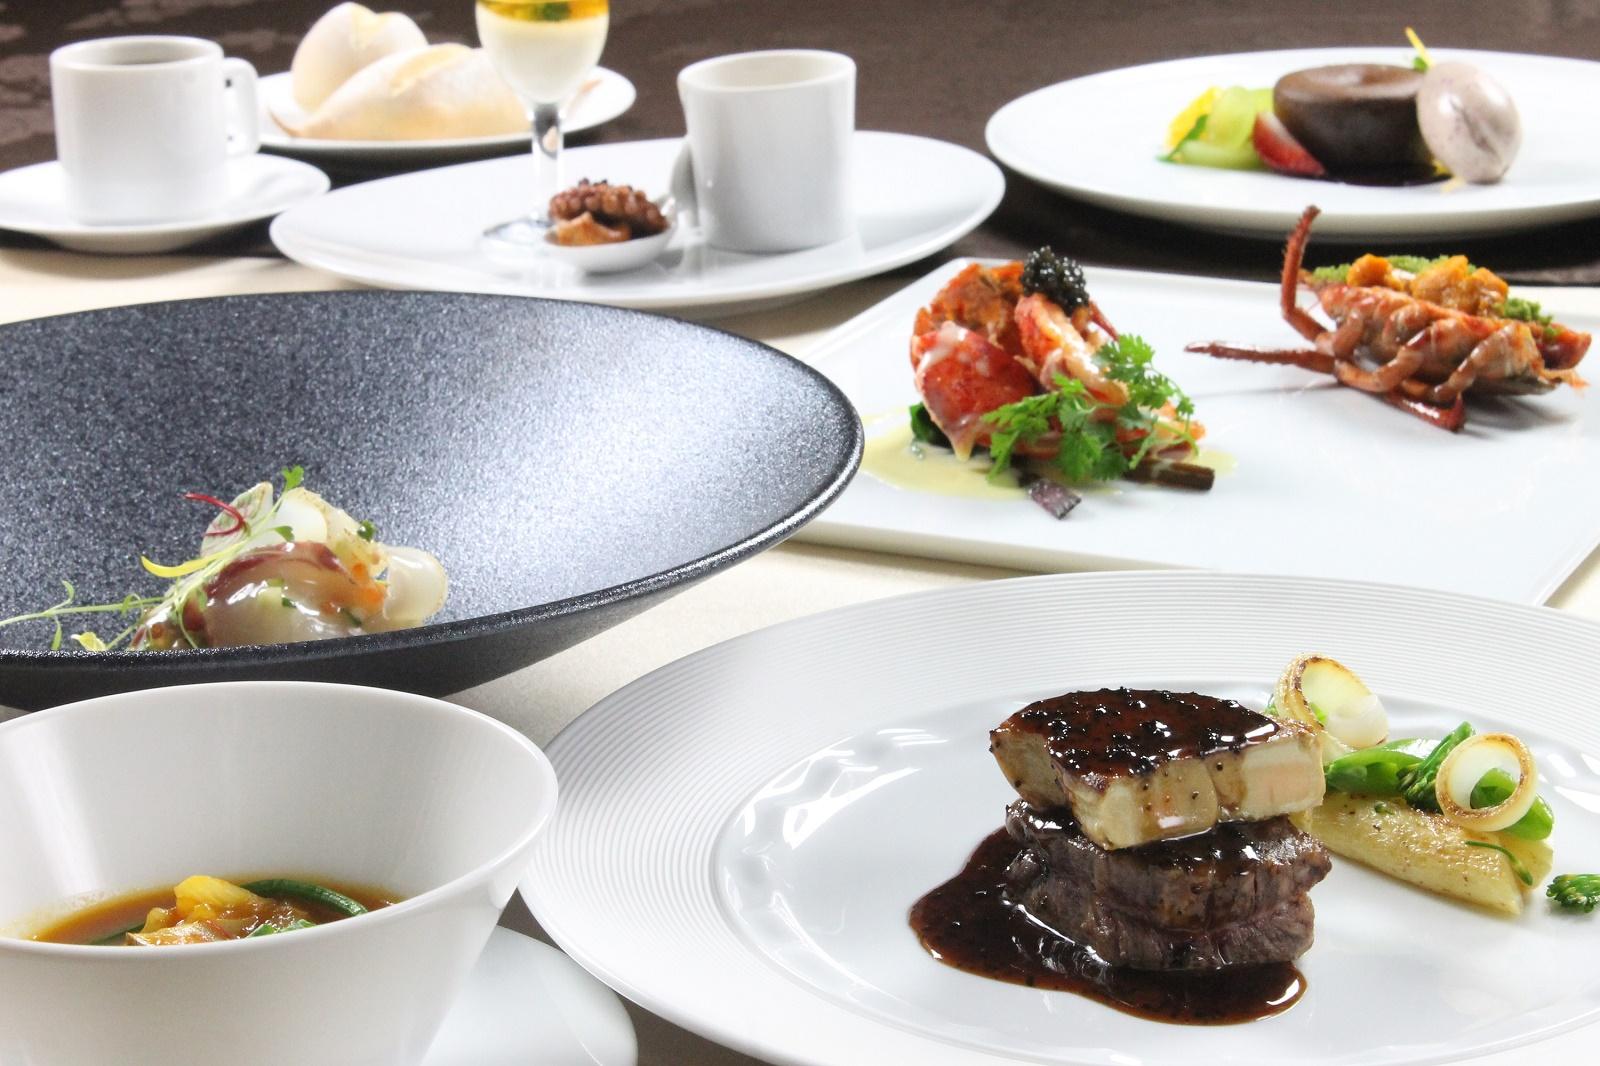 【ふるさと納税】三井港倶楽部最高級ディナー(ボトルワイン付) ペア